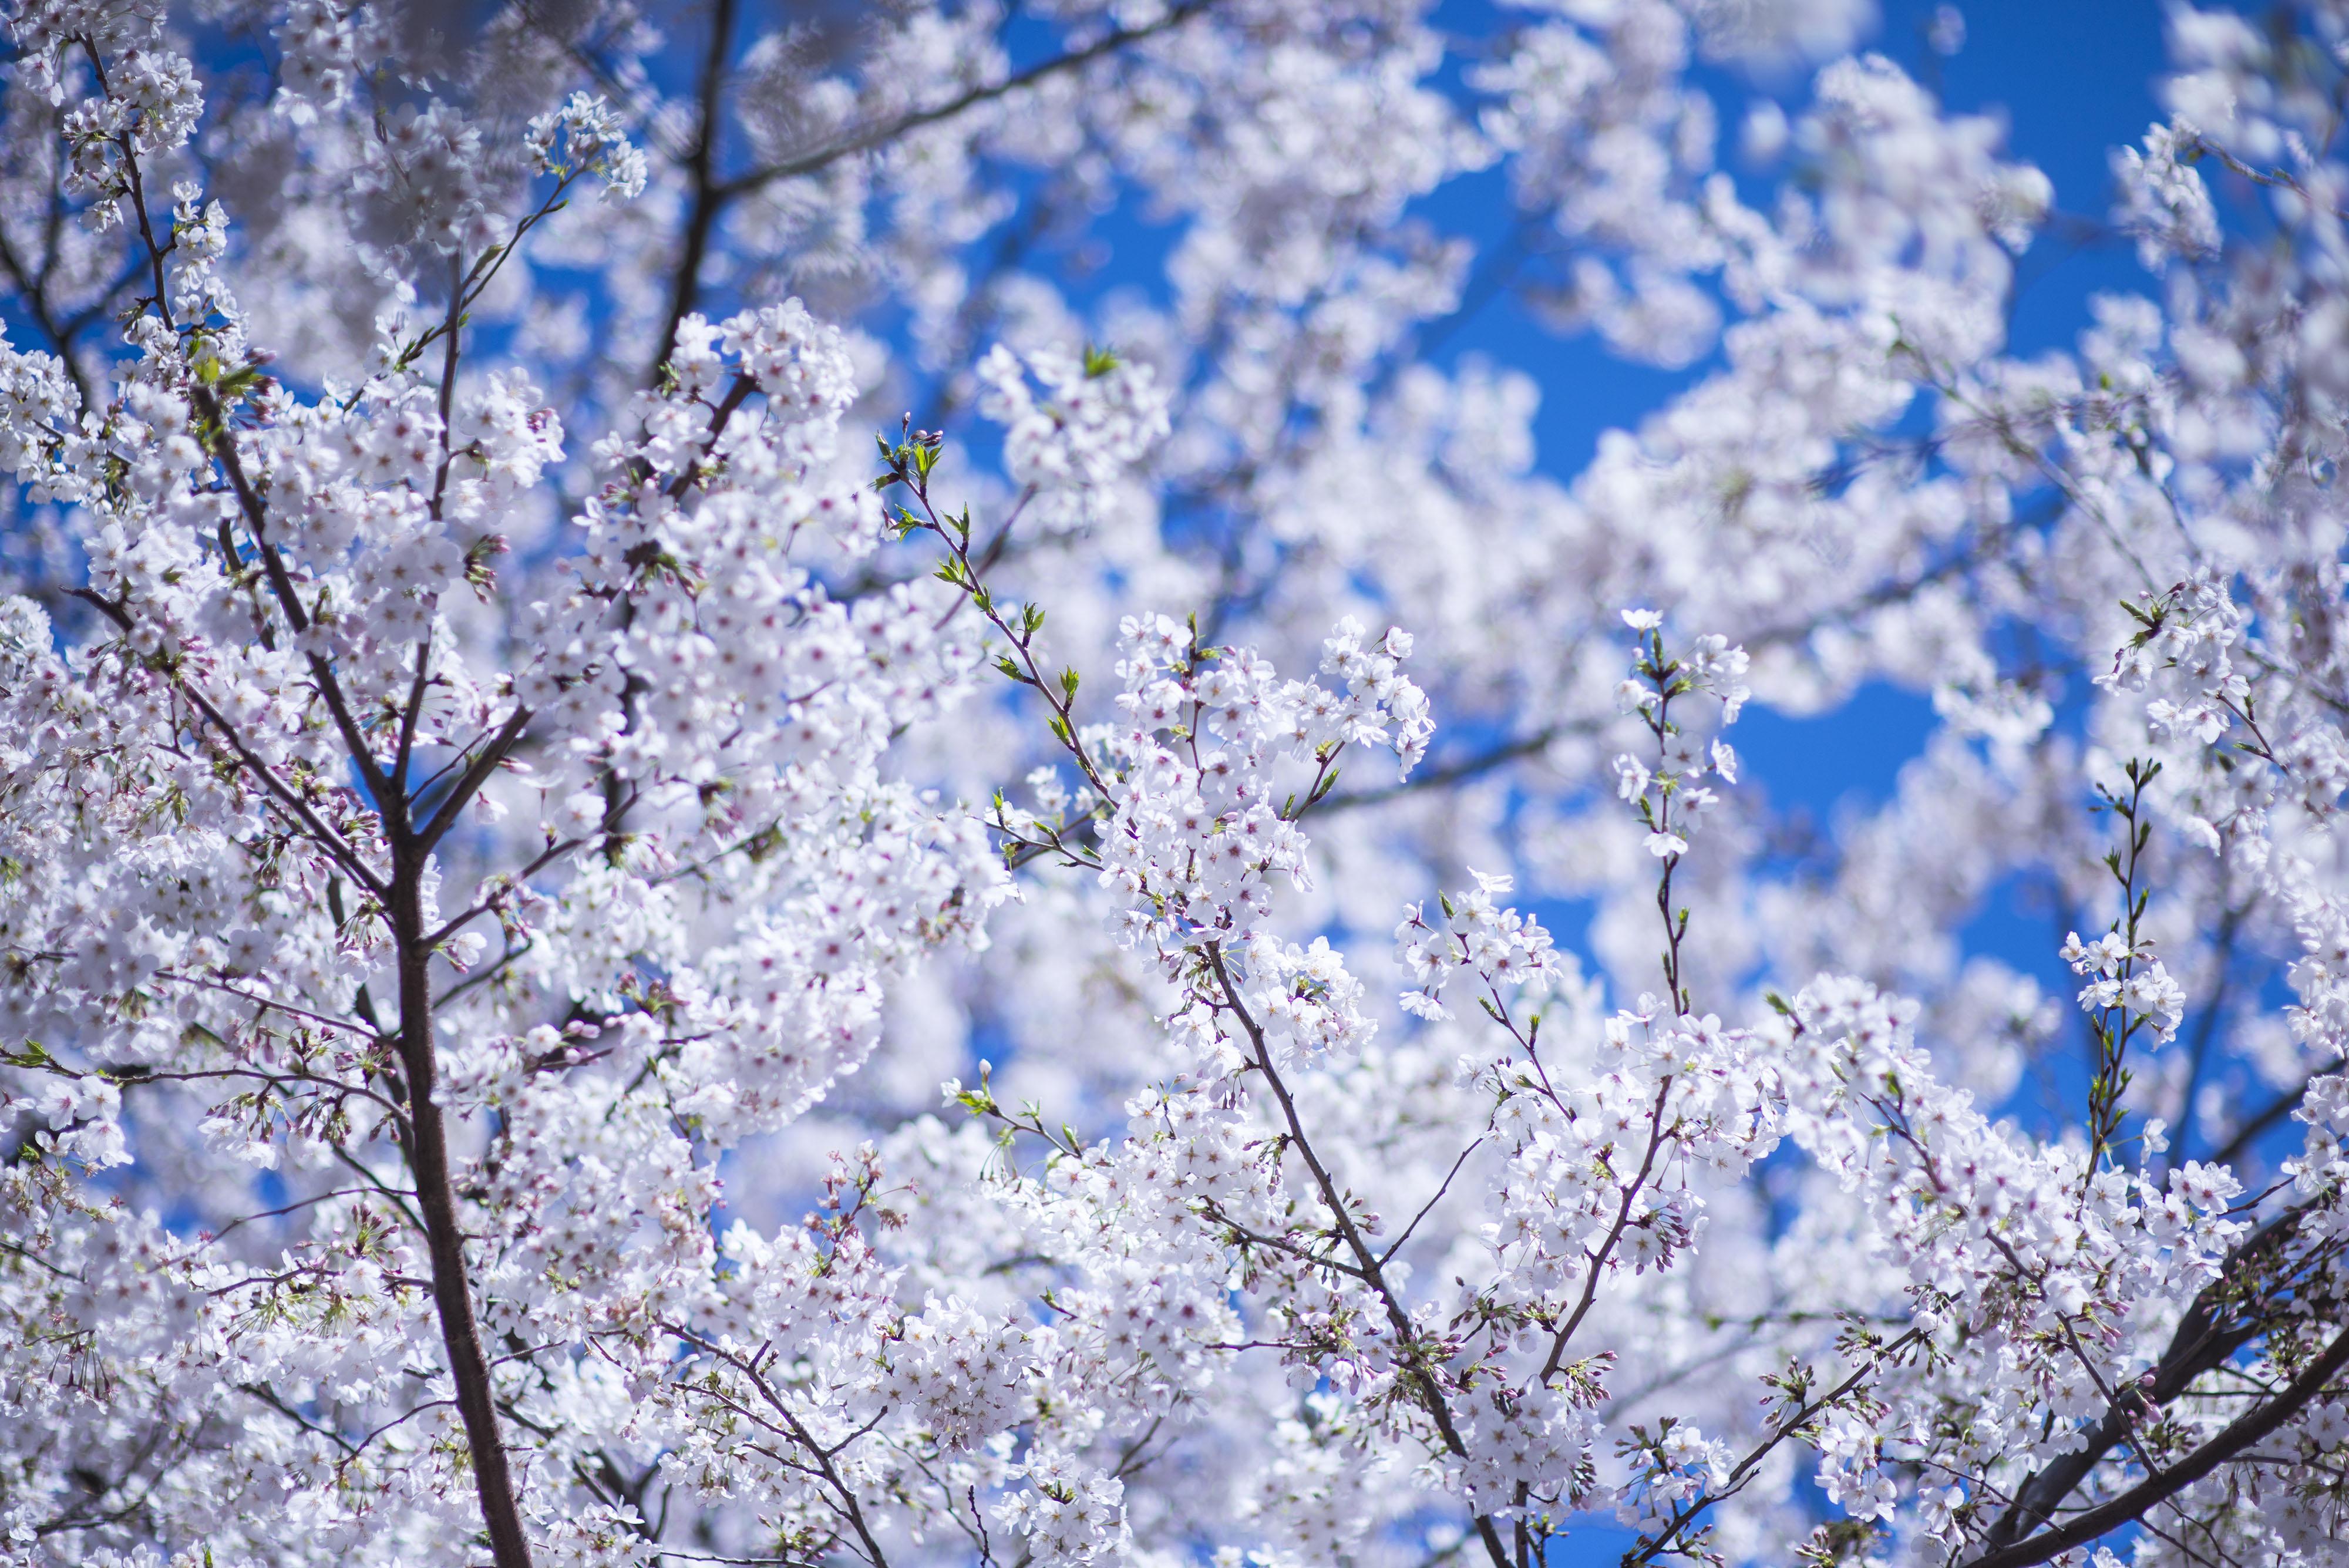 Primăvara aduce dureri articulare, tensiune și astenie | Stiri Utile